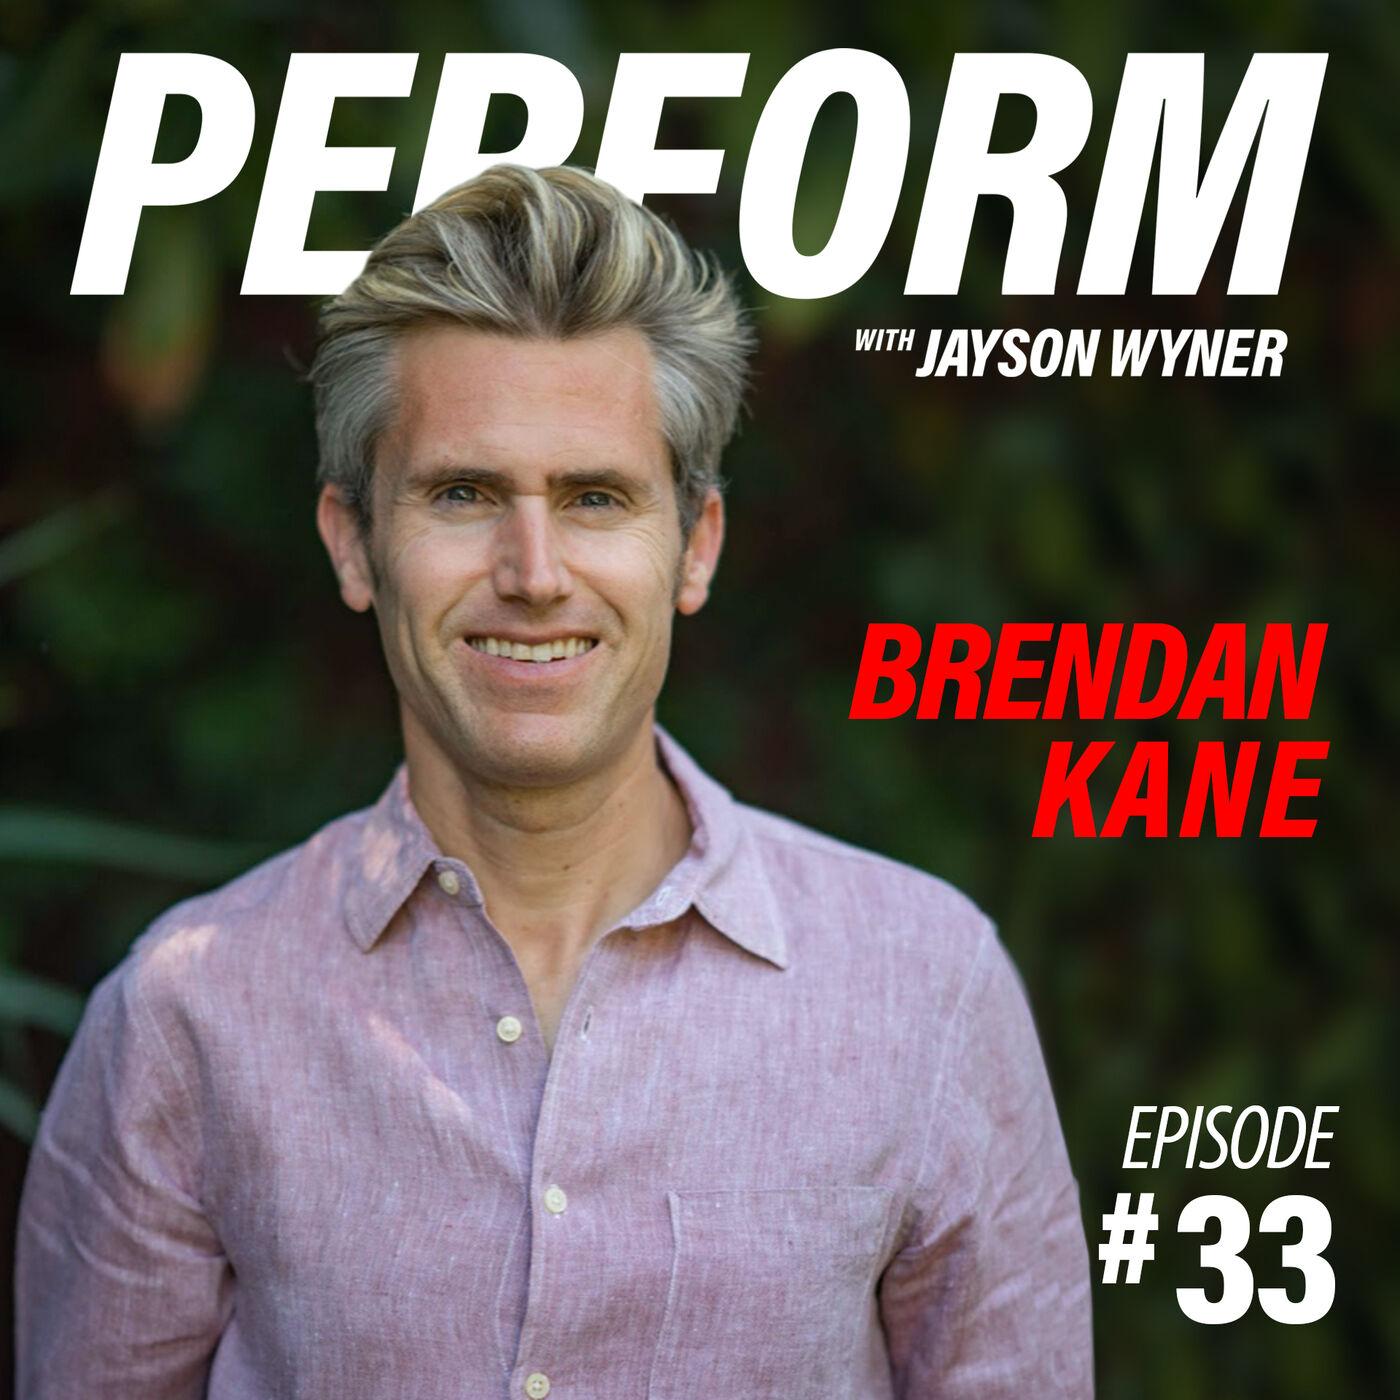 PERFORM Podcast E033 - Brendan Kane